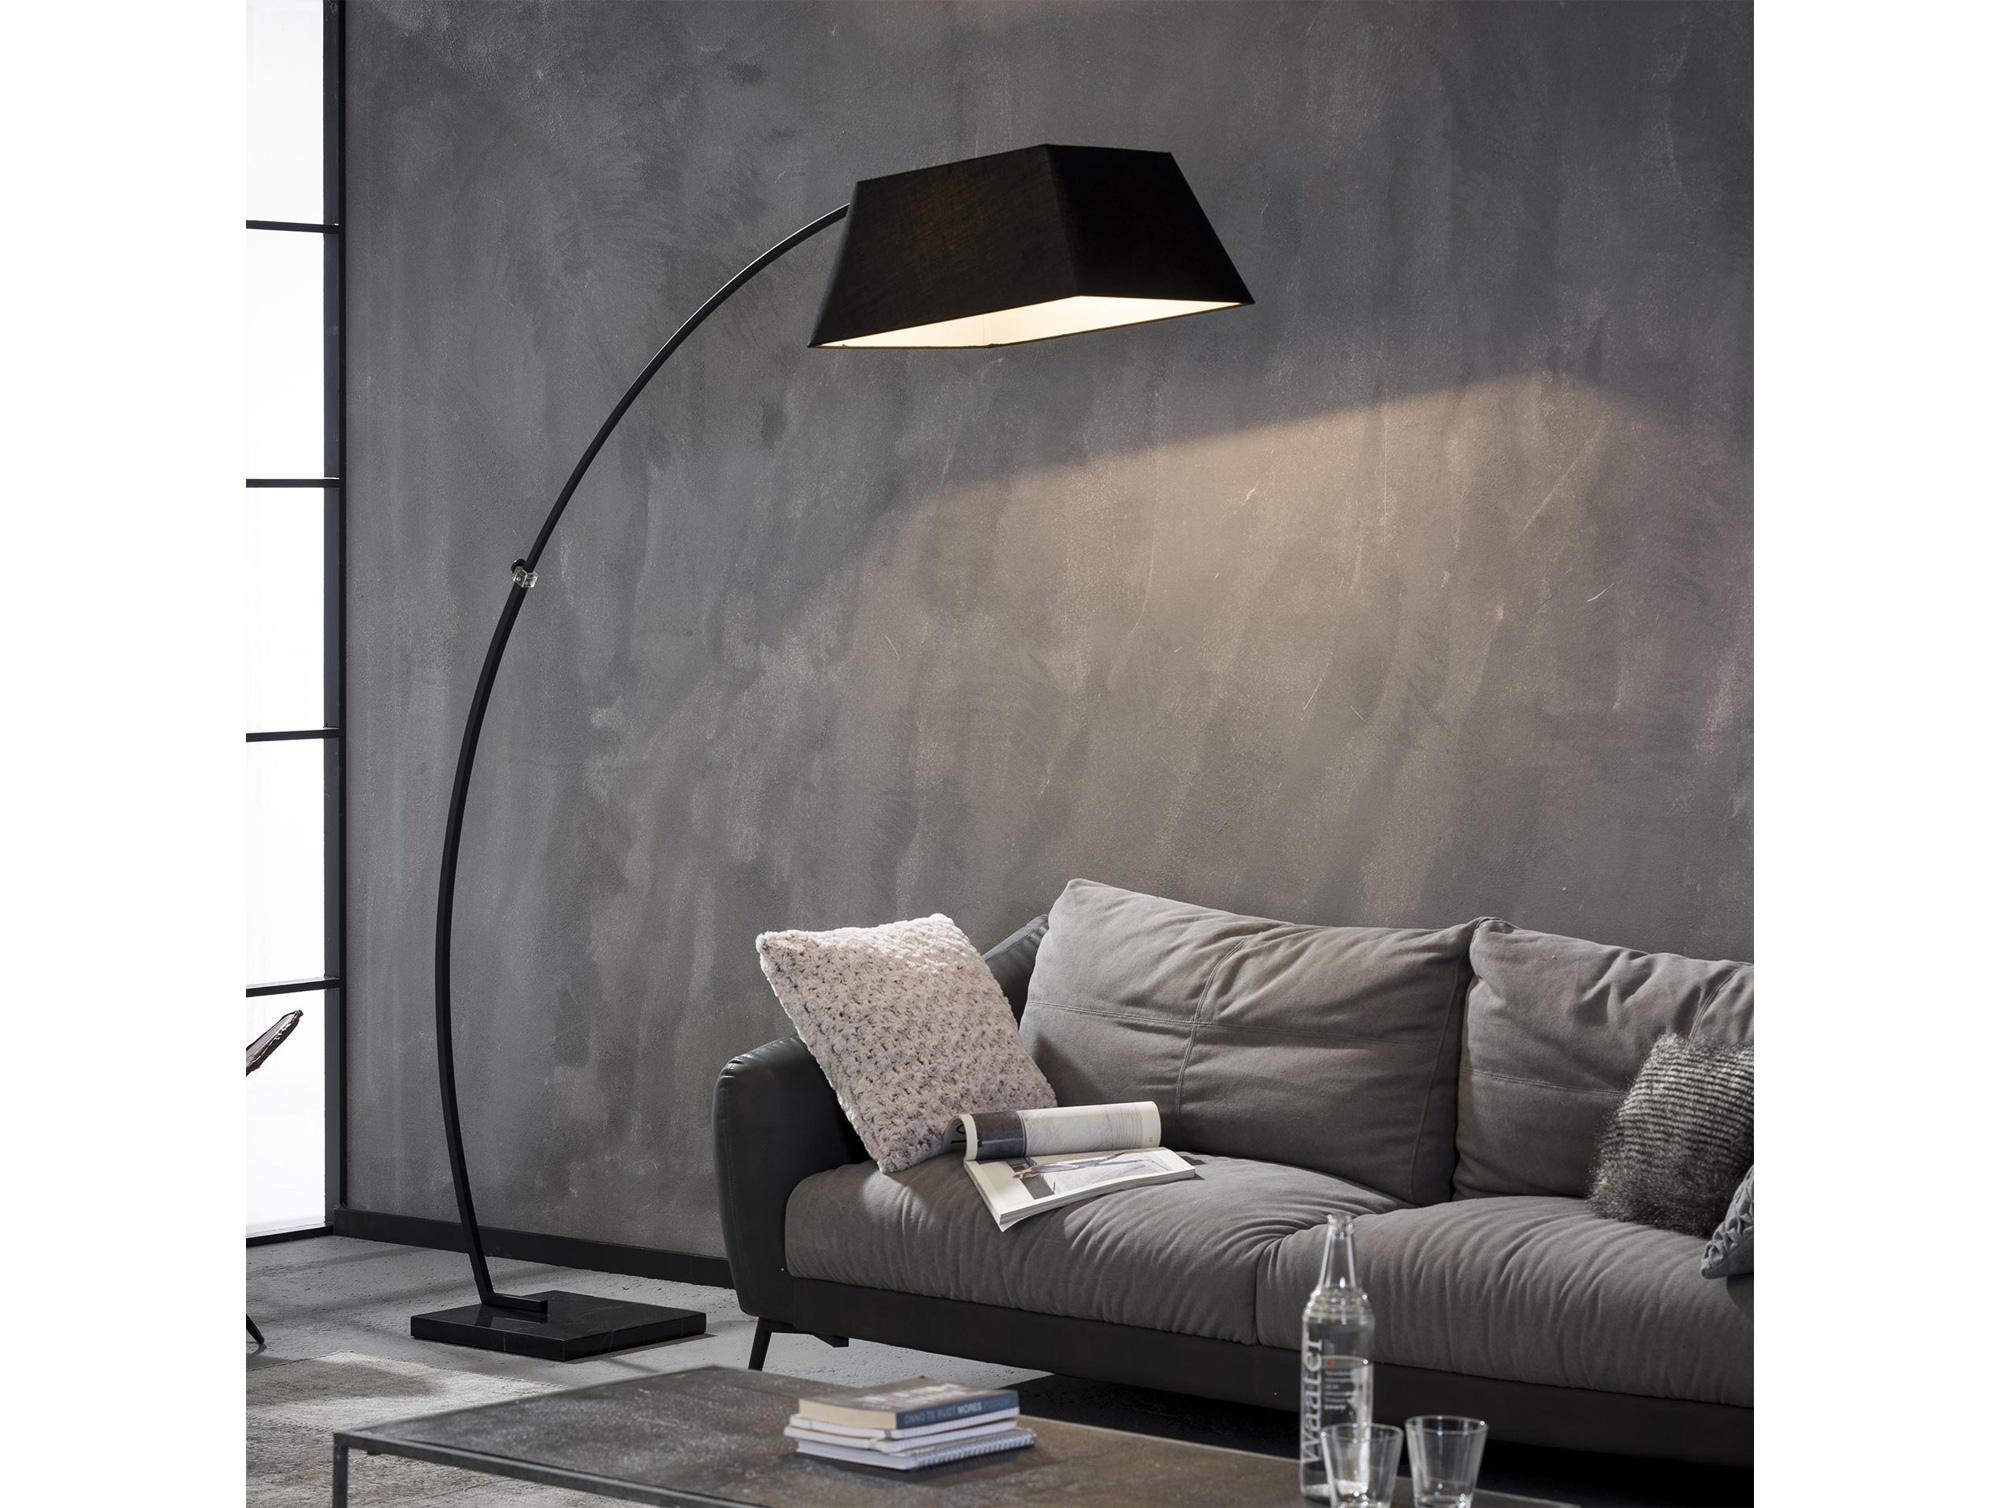 hanno bogenlampe mit square fu schwarz. Black Bedroom Furniture Sets. Home Design Ideas